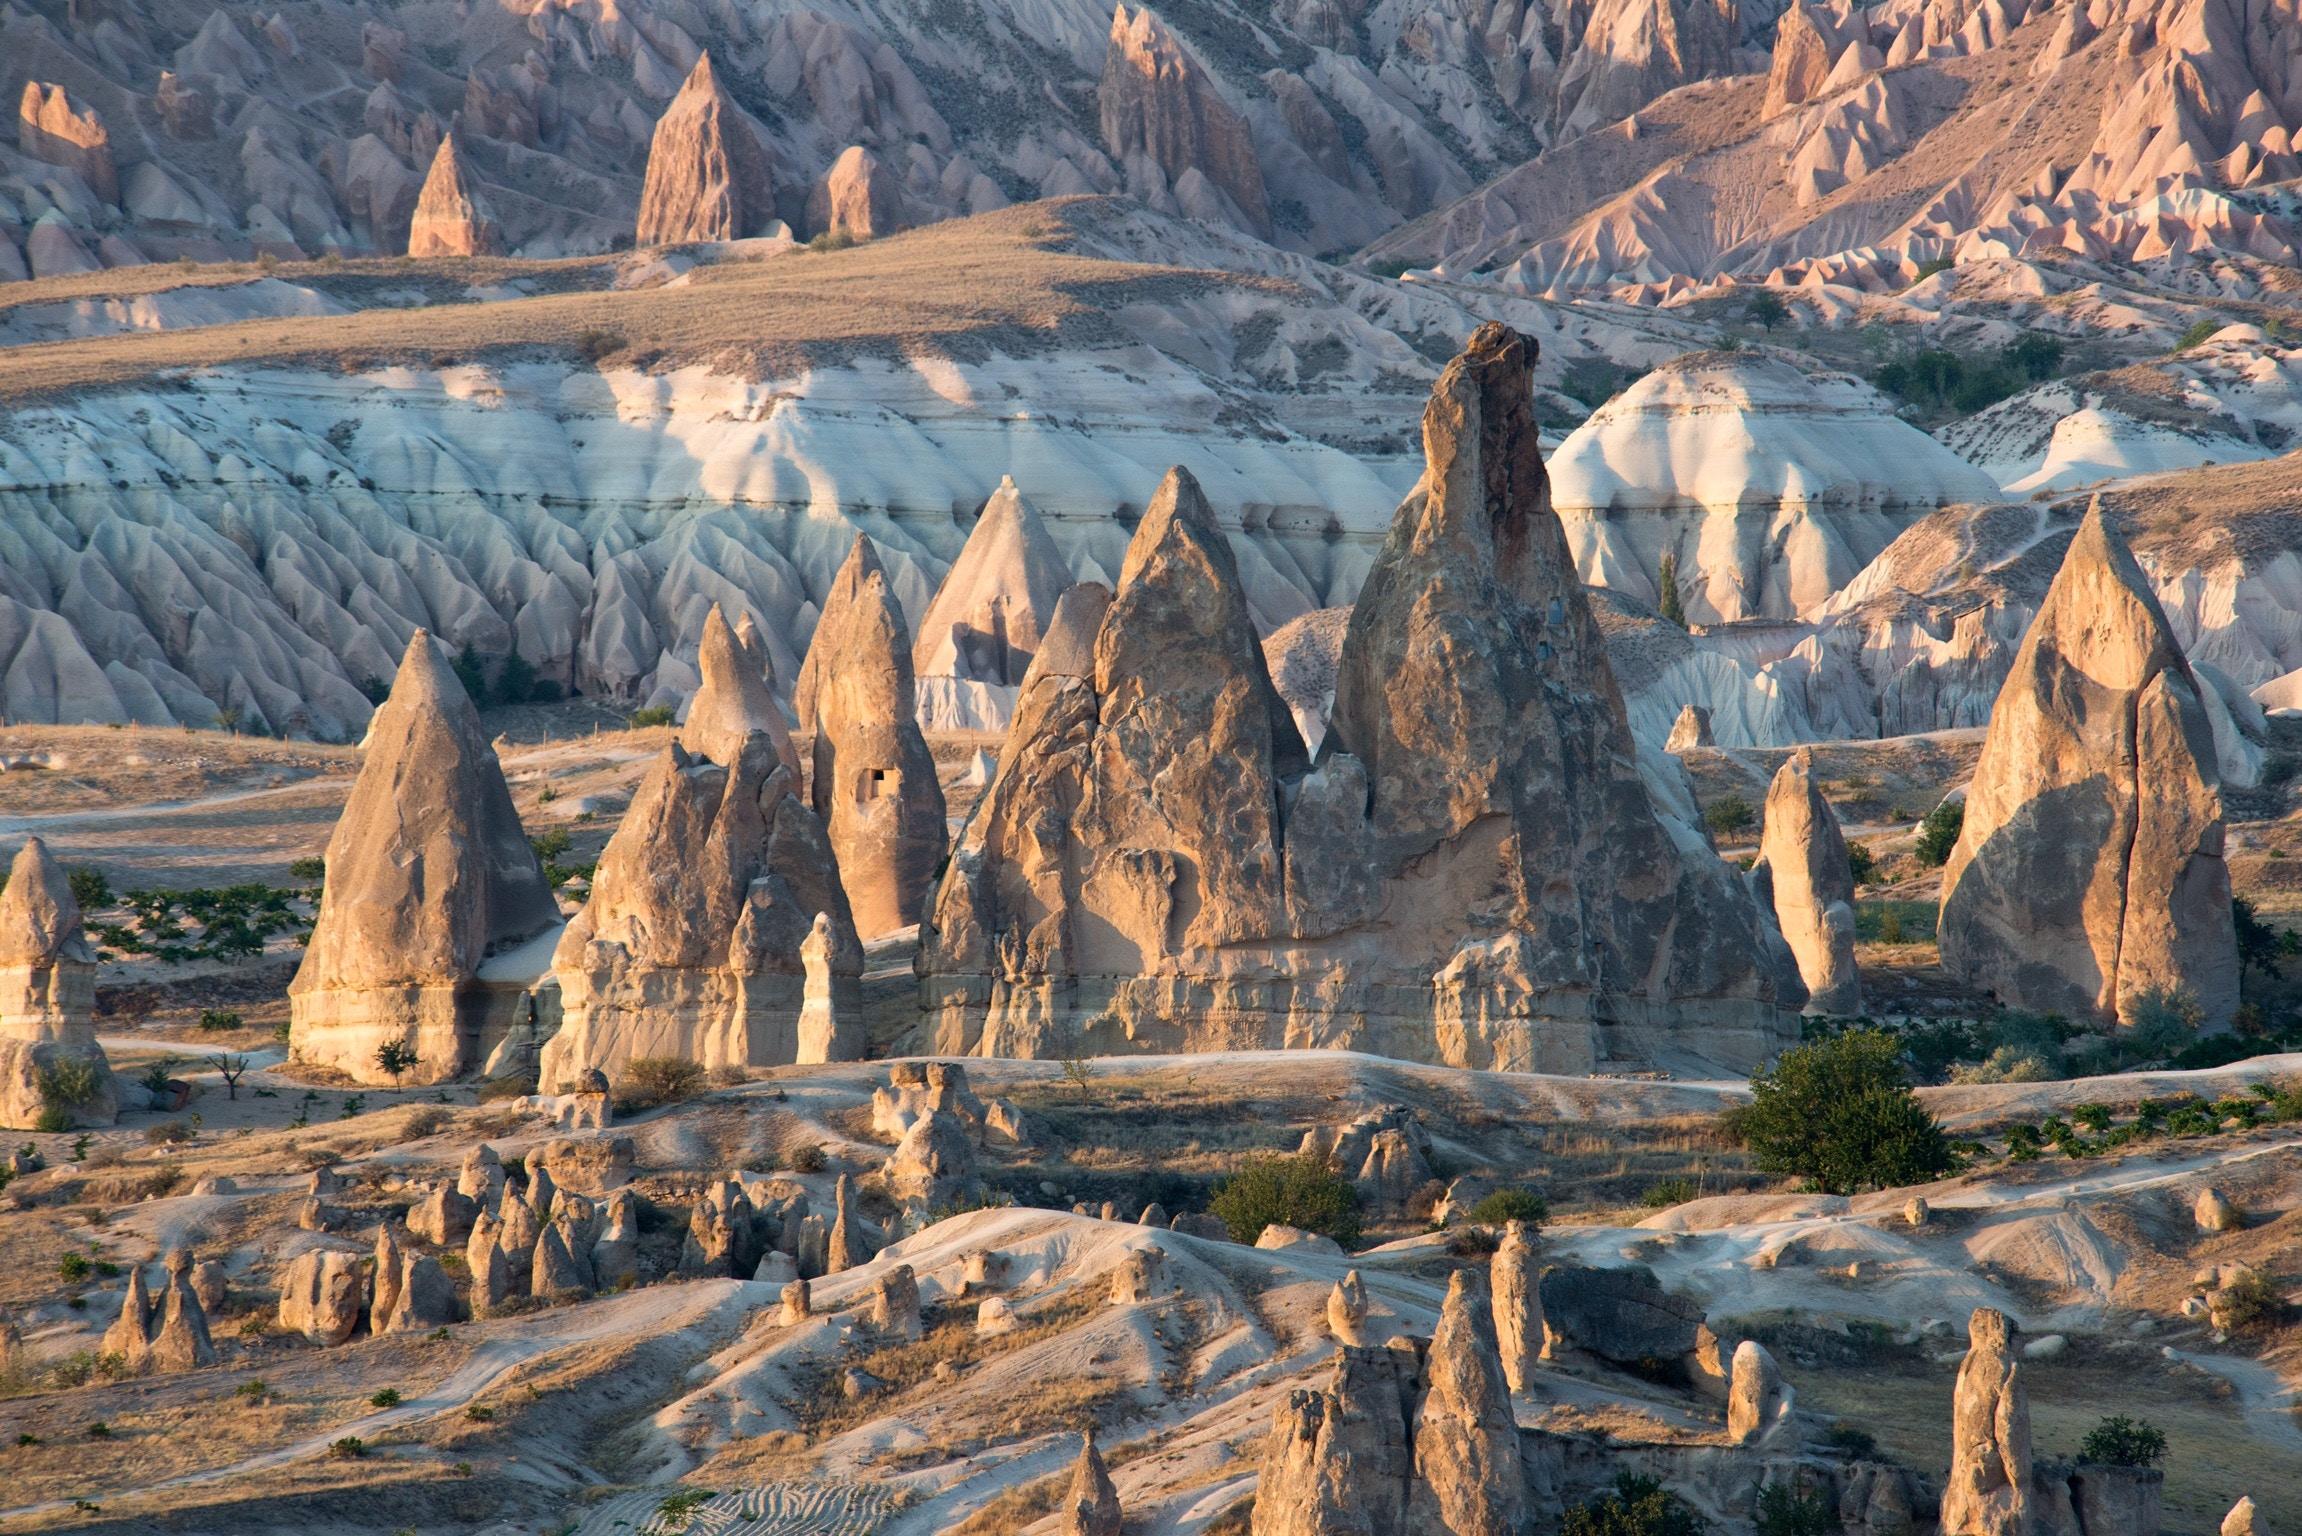 """卡帕多西亚以其童话般的斑点岩层而闻名:奇特的岩石构造、岩洞和半隐居人群的历史遗迹令人神往。这里起初是基督教徒躲避罗马迫害的避难处,公元4世纪,一群僧侣建立了卡帕多西亚的主要部分。经过长年风化水蚀之特殊景观,耸立着形状不一之岩石丘陵,在这些岩面上开凿了上千个洞窟,不少岩洞内还保存有许多湿壁画,为拜占庭艺术中反圣像崇拜后期之独特见证。卡帕多西亚独特的喀斯特地貌与月球表面类似,被称为""""地球上最像月球的地方""""。"""